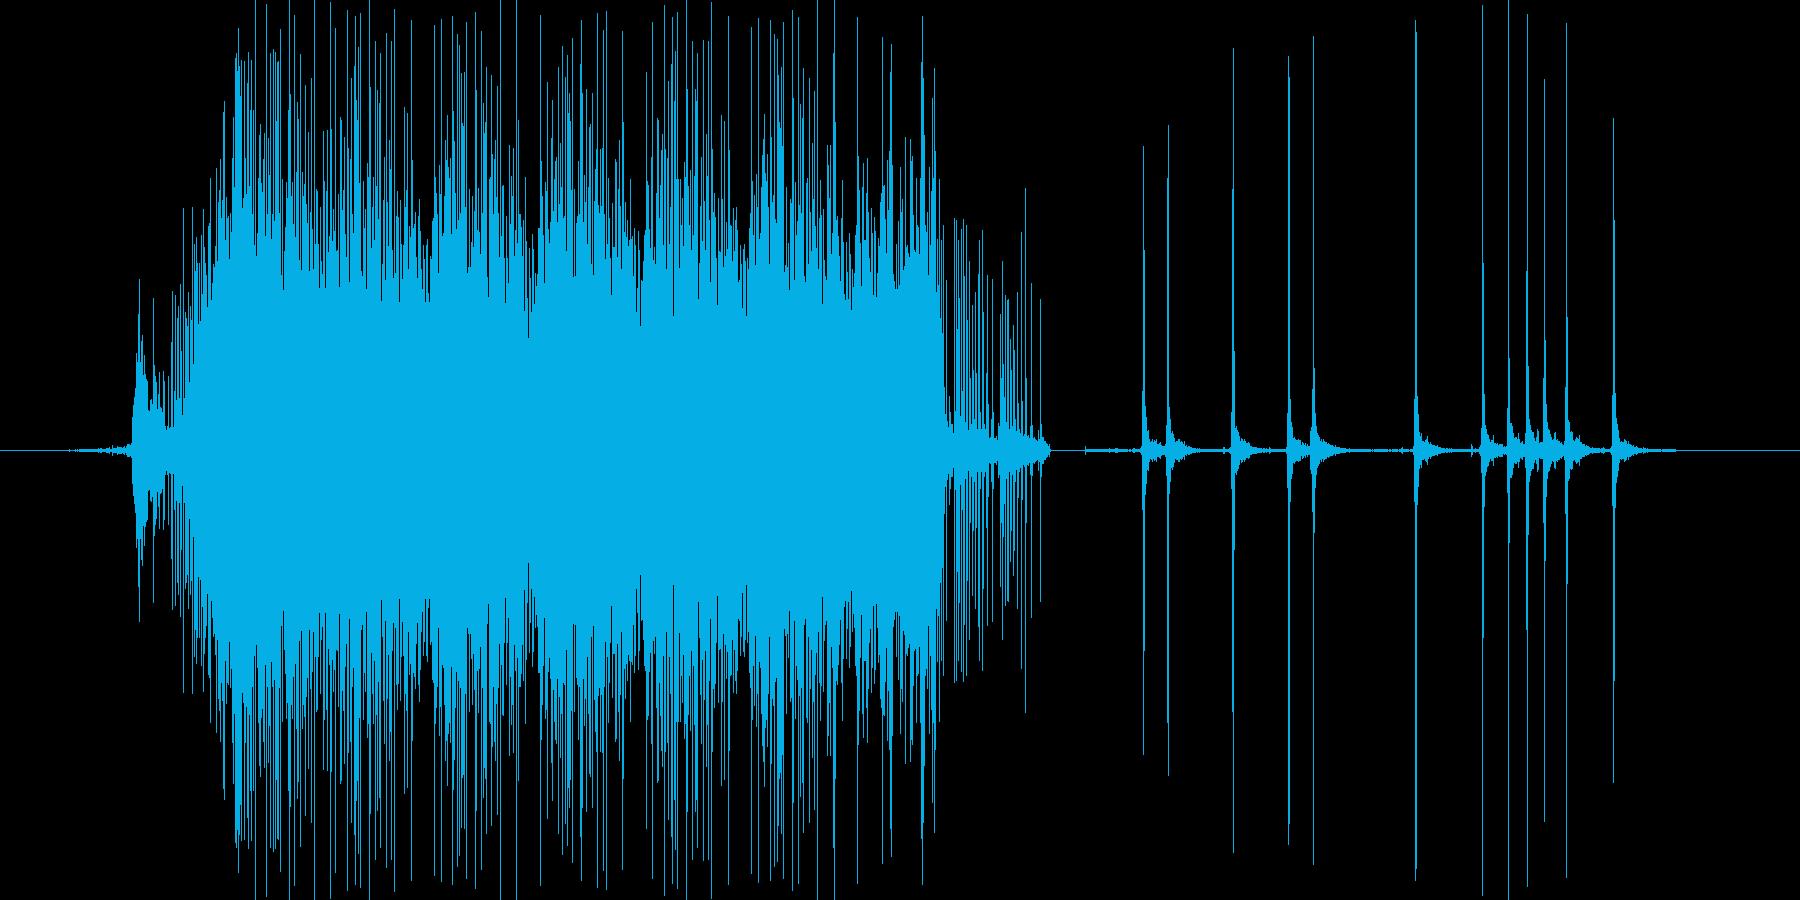 釣りのリールの音の再生済みの波形